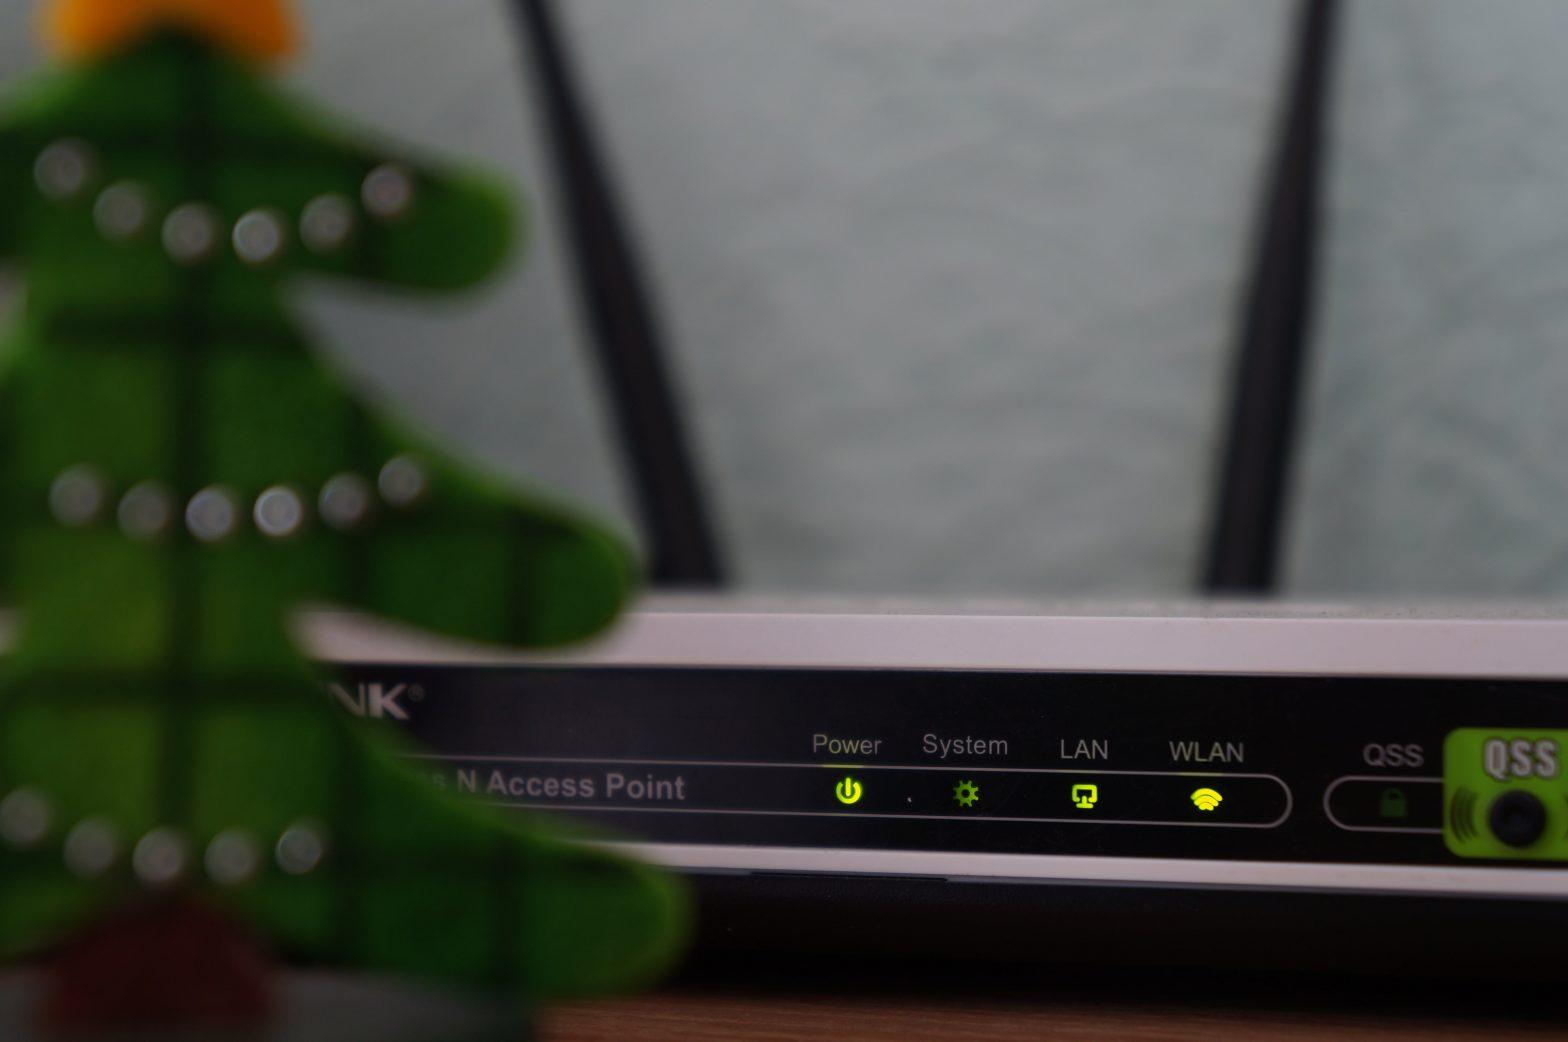 Le même SSID pour le WiFi 2,4Ghz et 5Ghz?